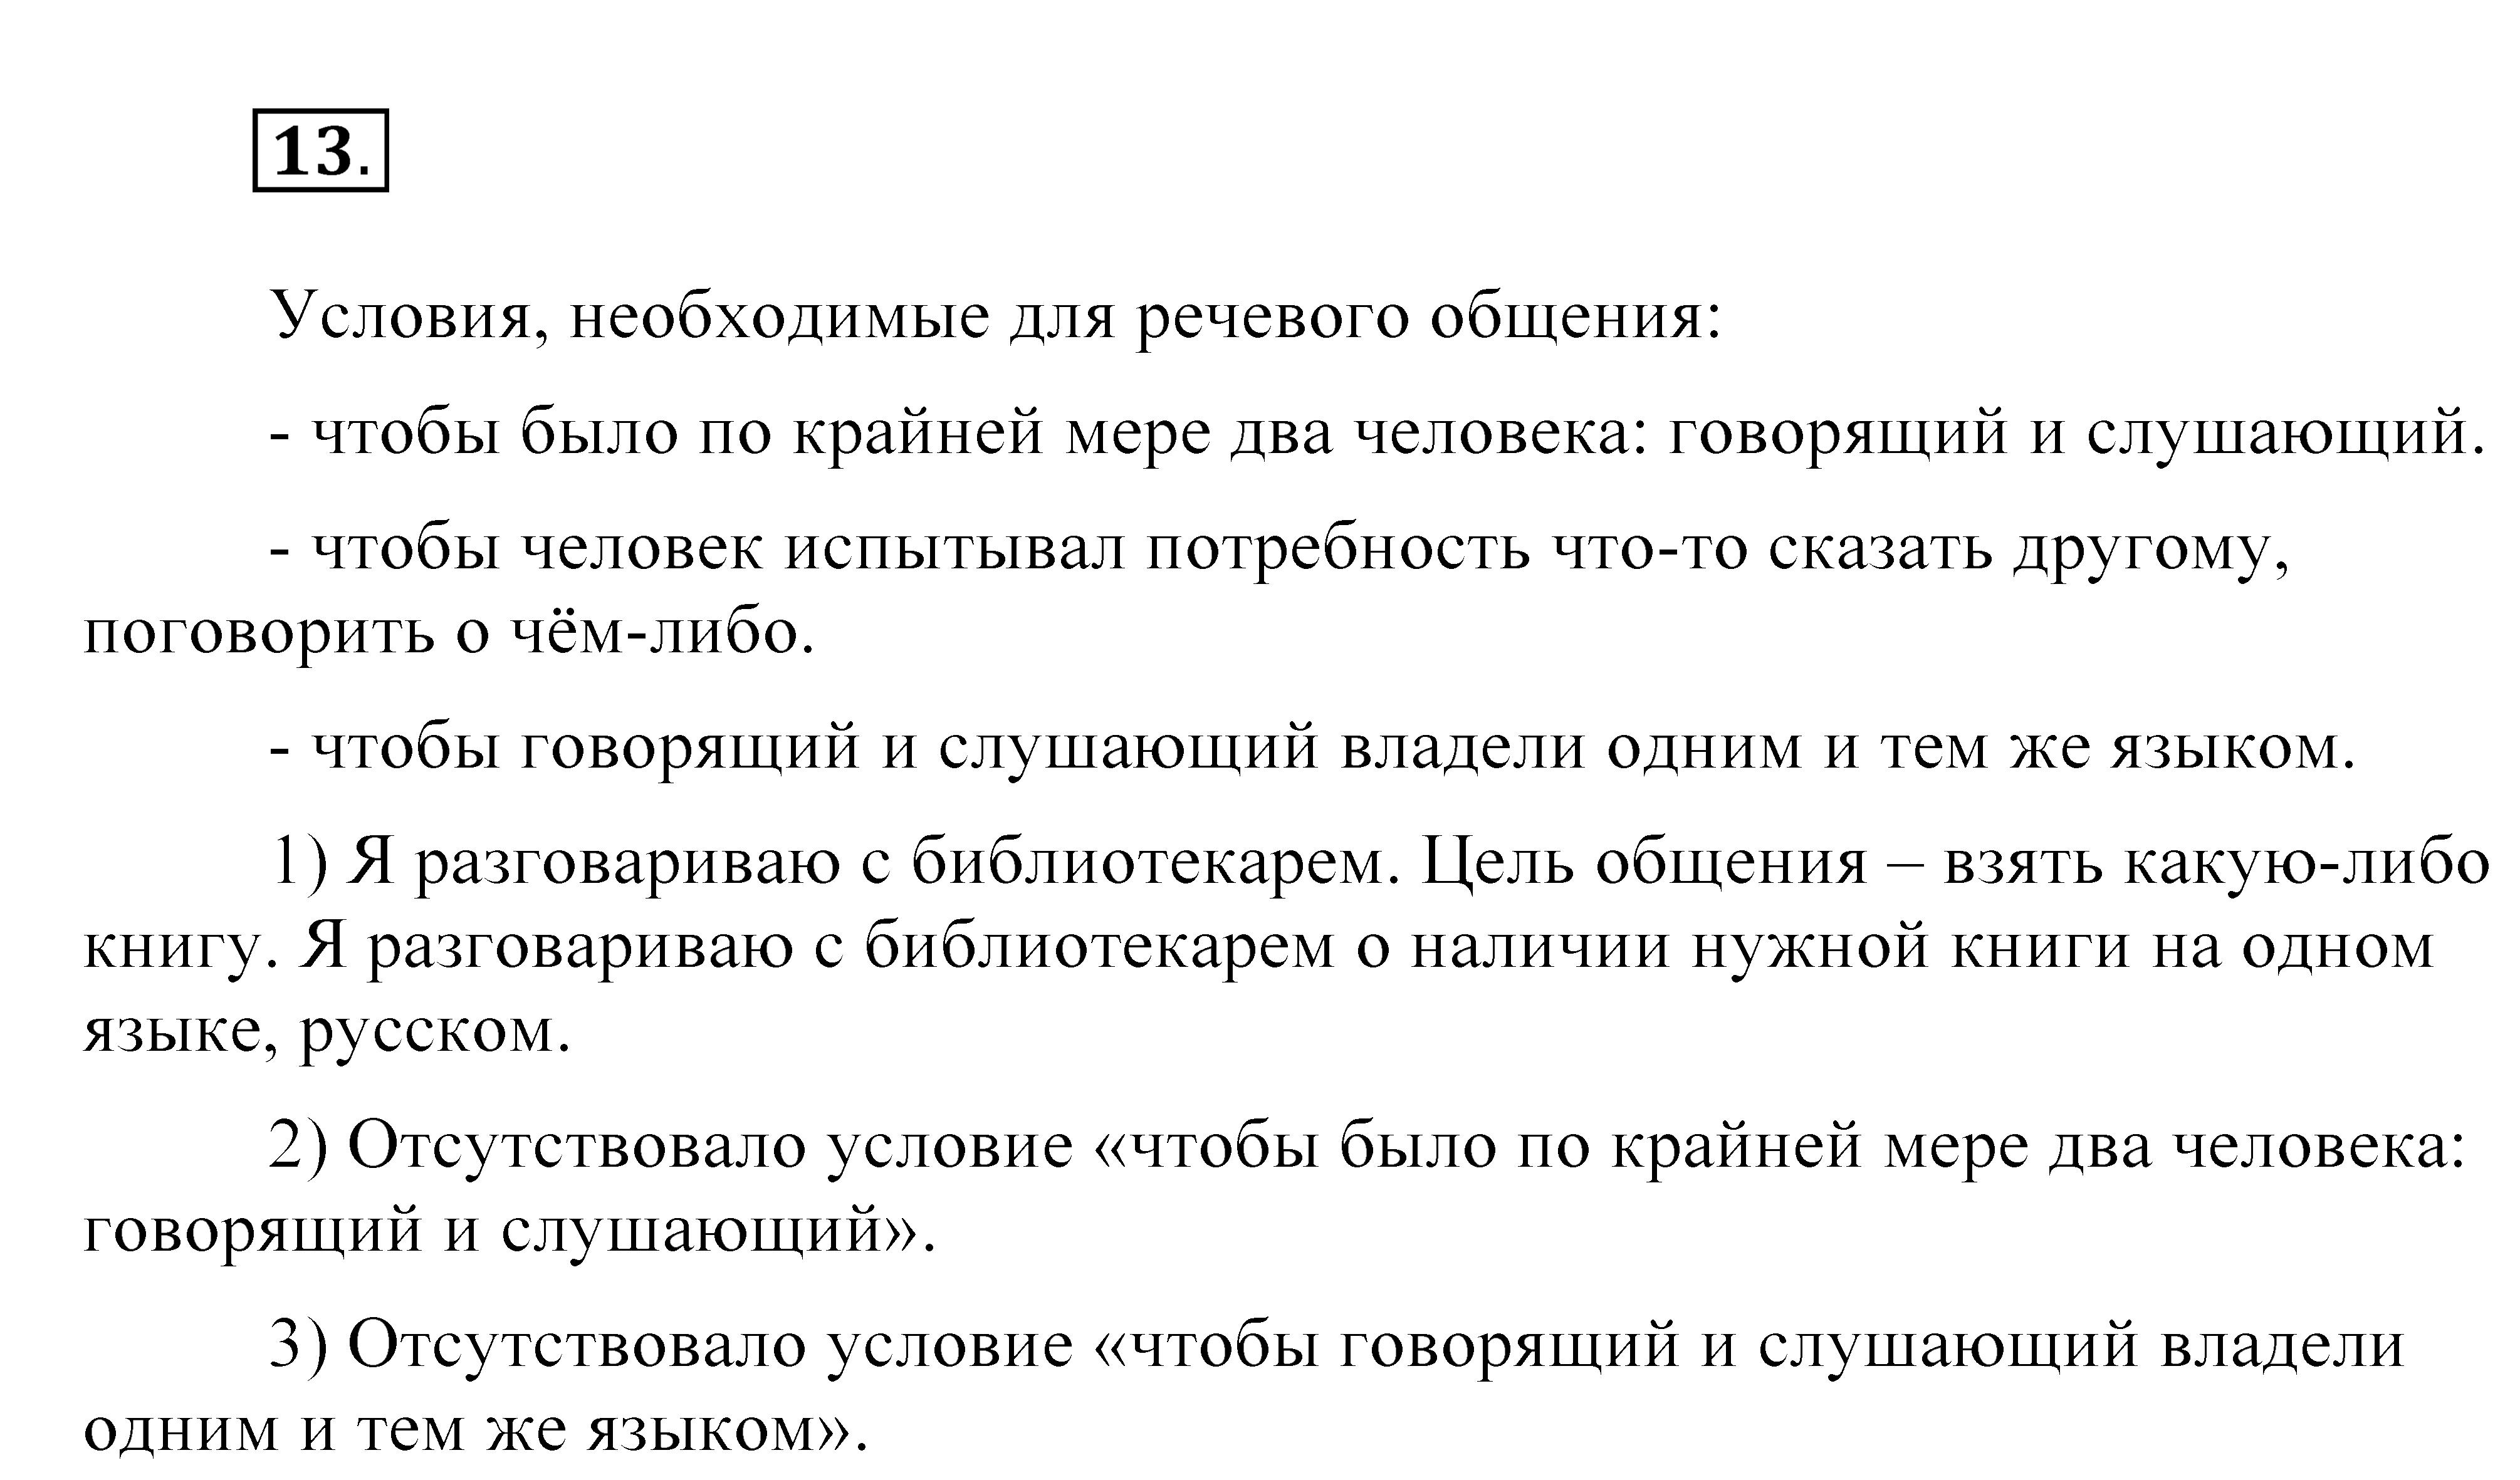 Гдз по русскому языку 5 класс разумовская львова капинос2018 год 3 часть